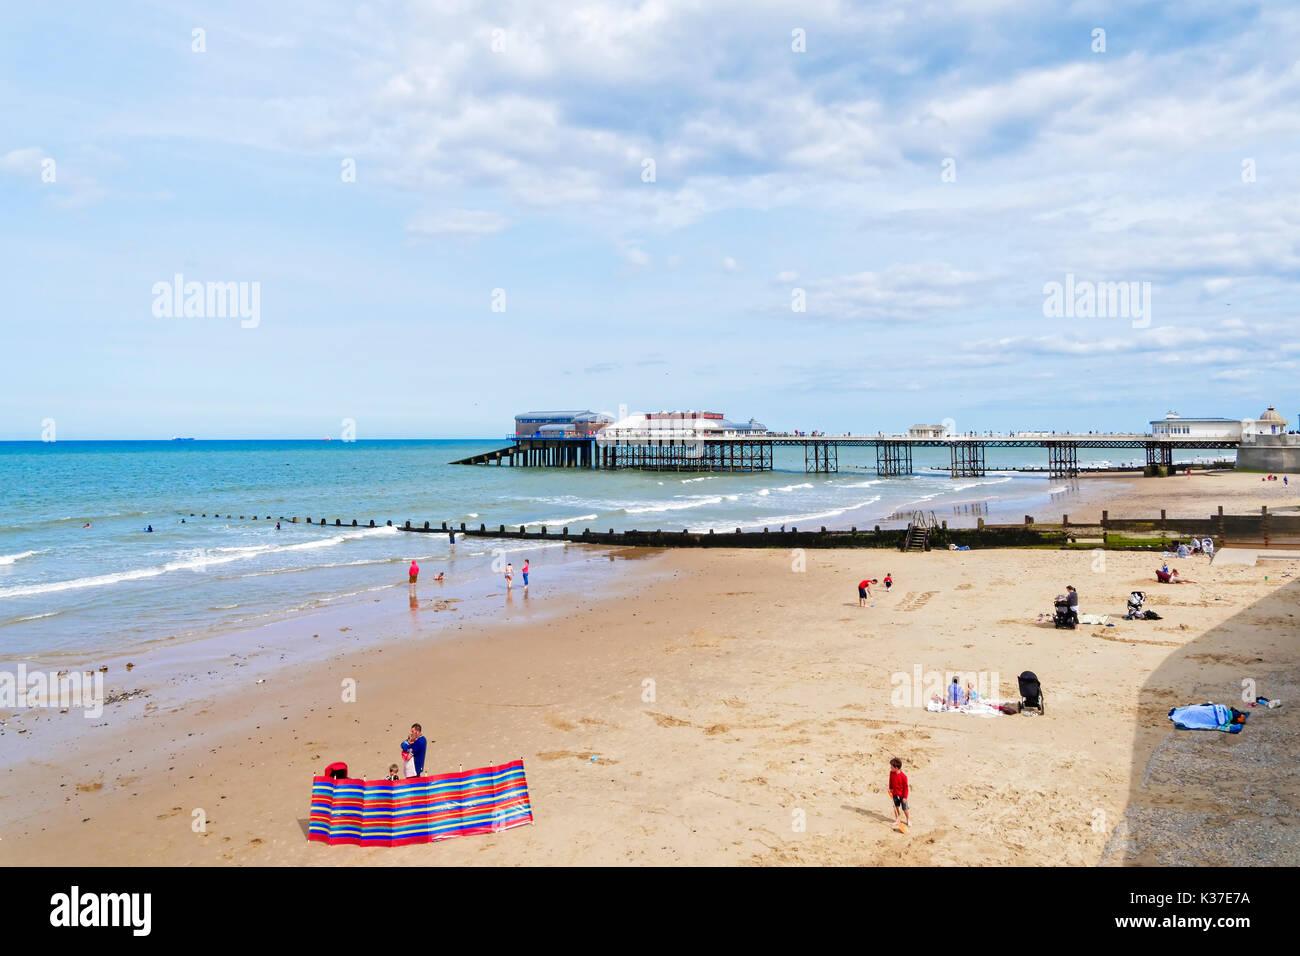 Am späten Nachmittag Leute sitzen und spielen in der Nähe der Pier auf Cromer Beach Stockbild